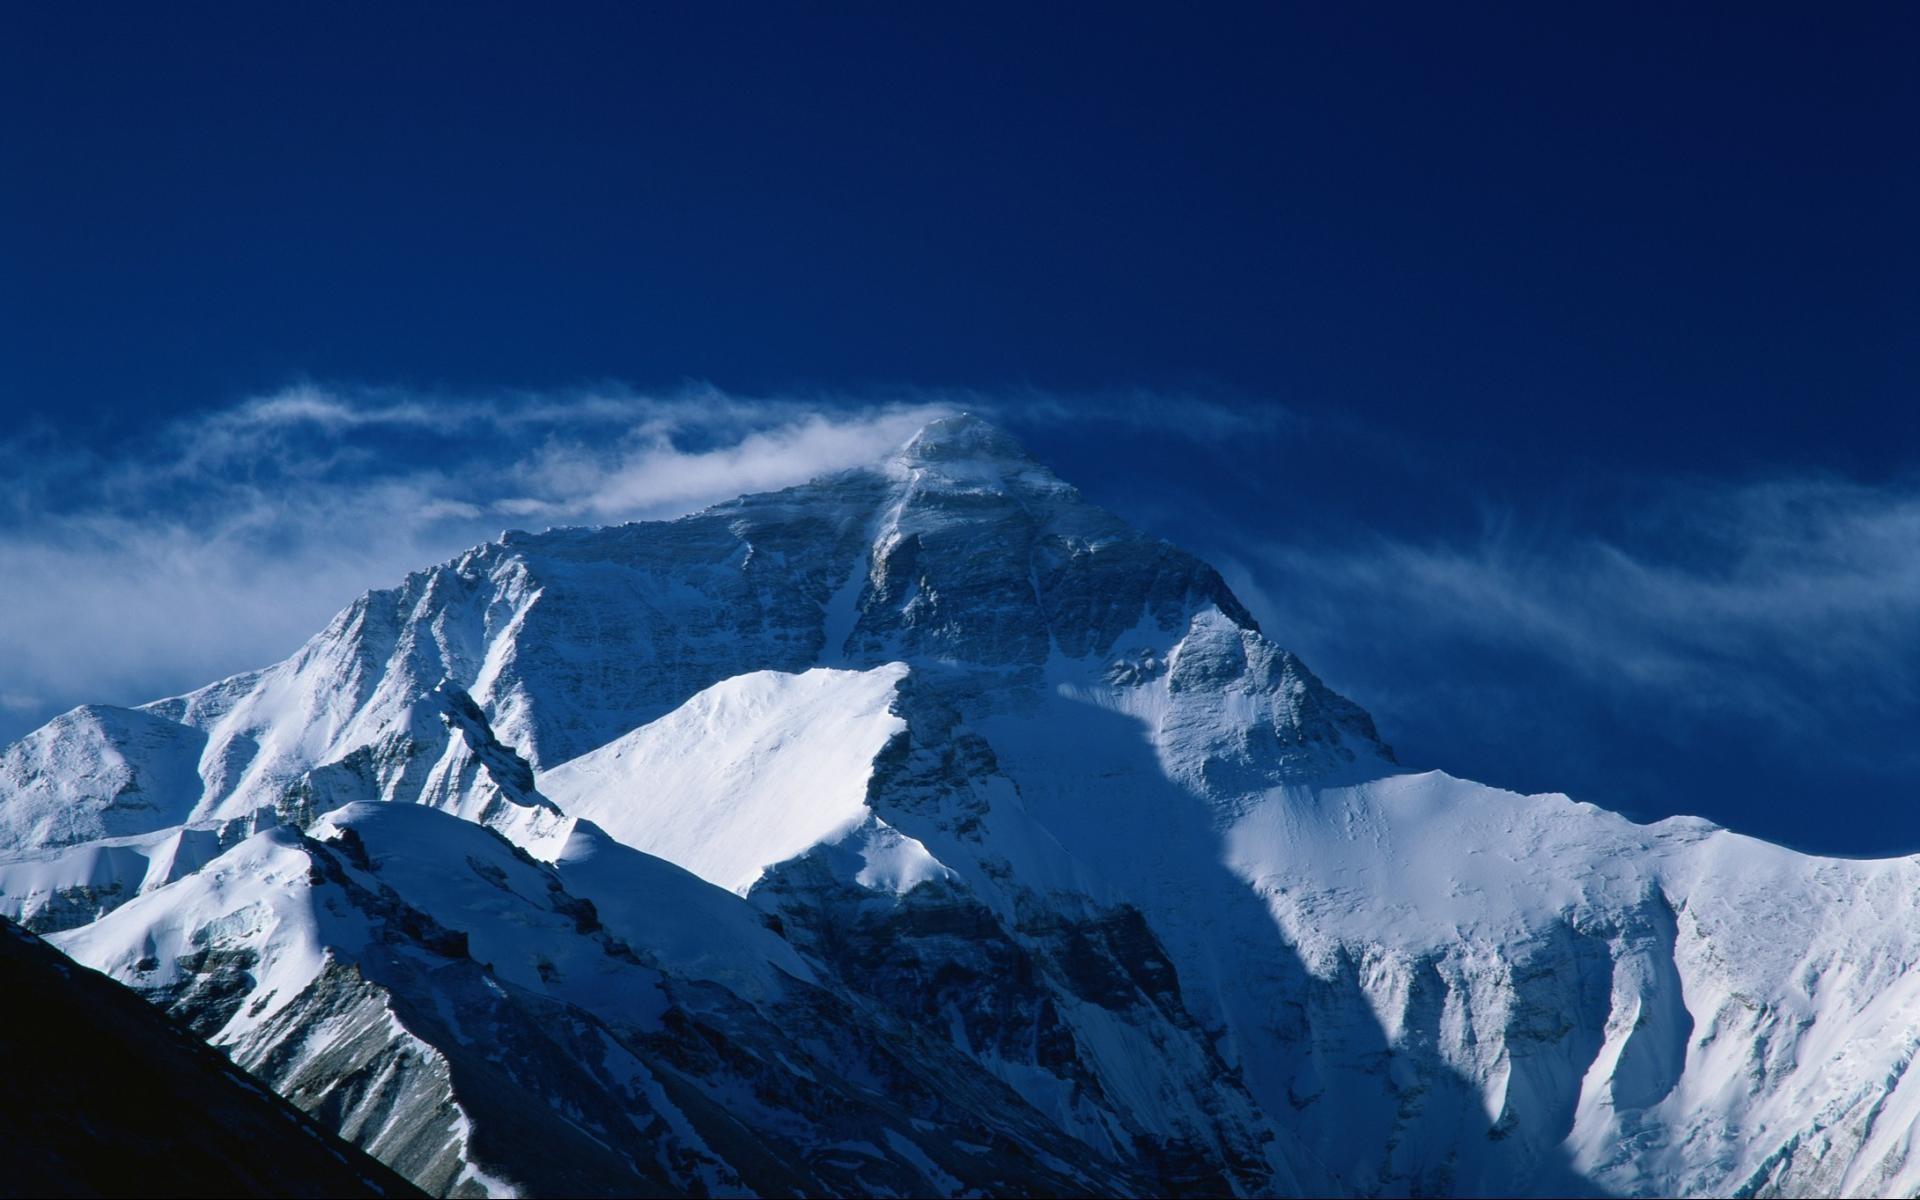 Mount Everest 1920 x 1200 Desktop Wallpapers